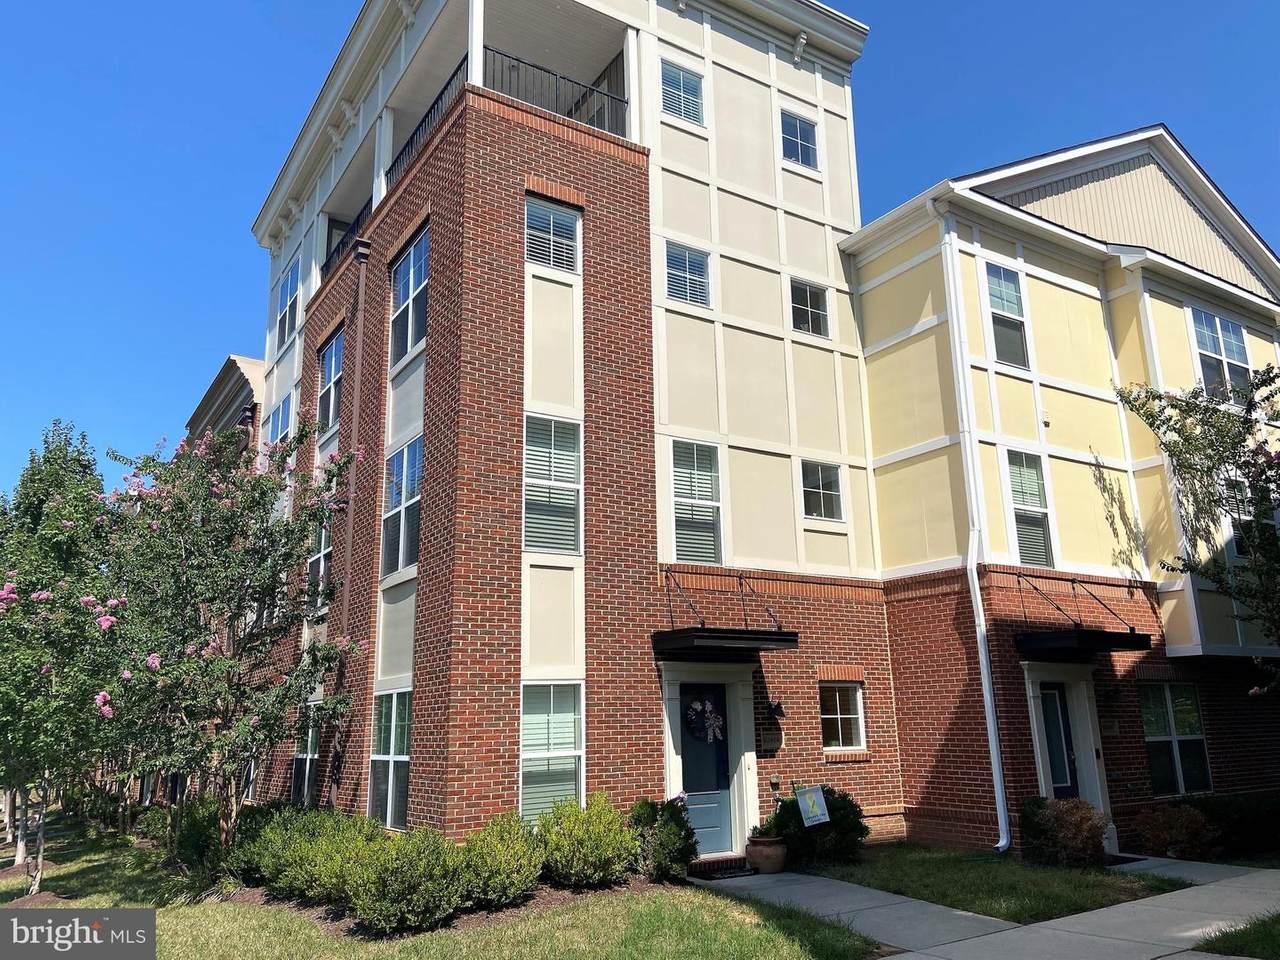 22469 Verde Gate Terrace - Photo 1